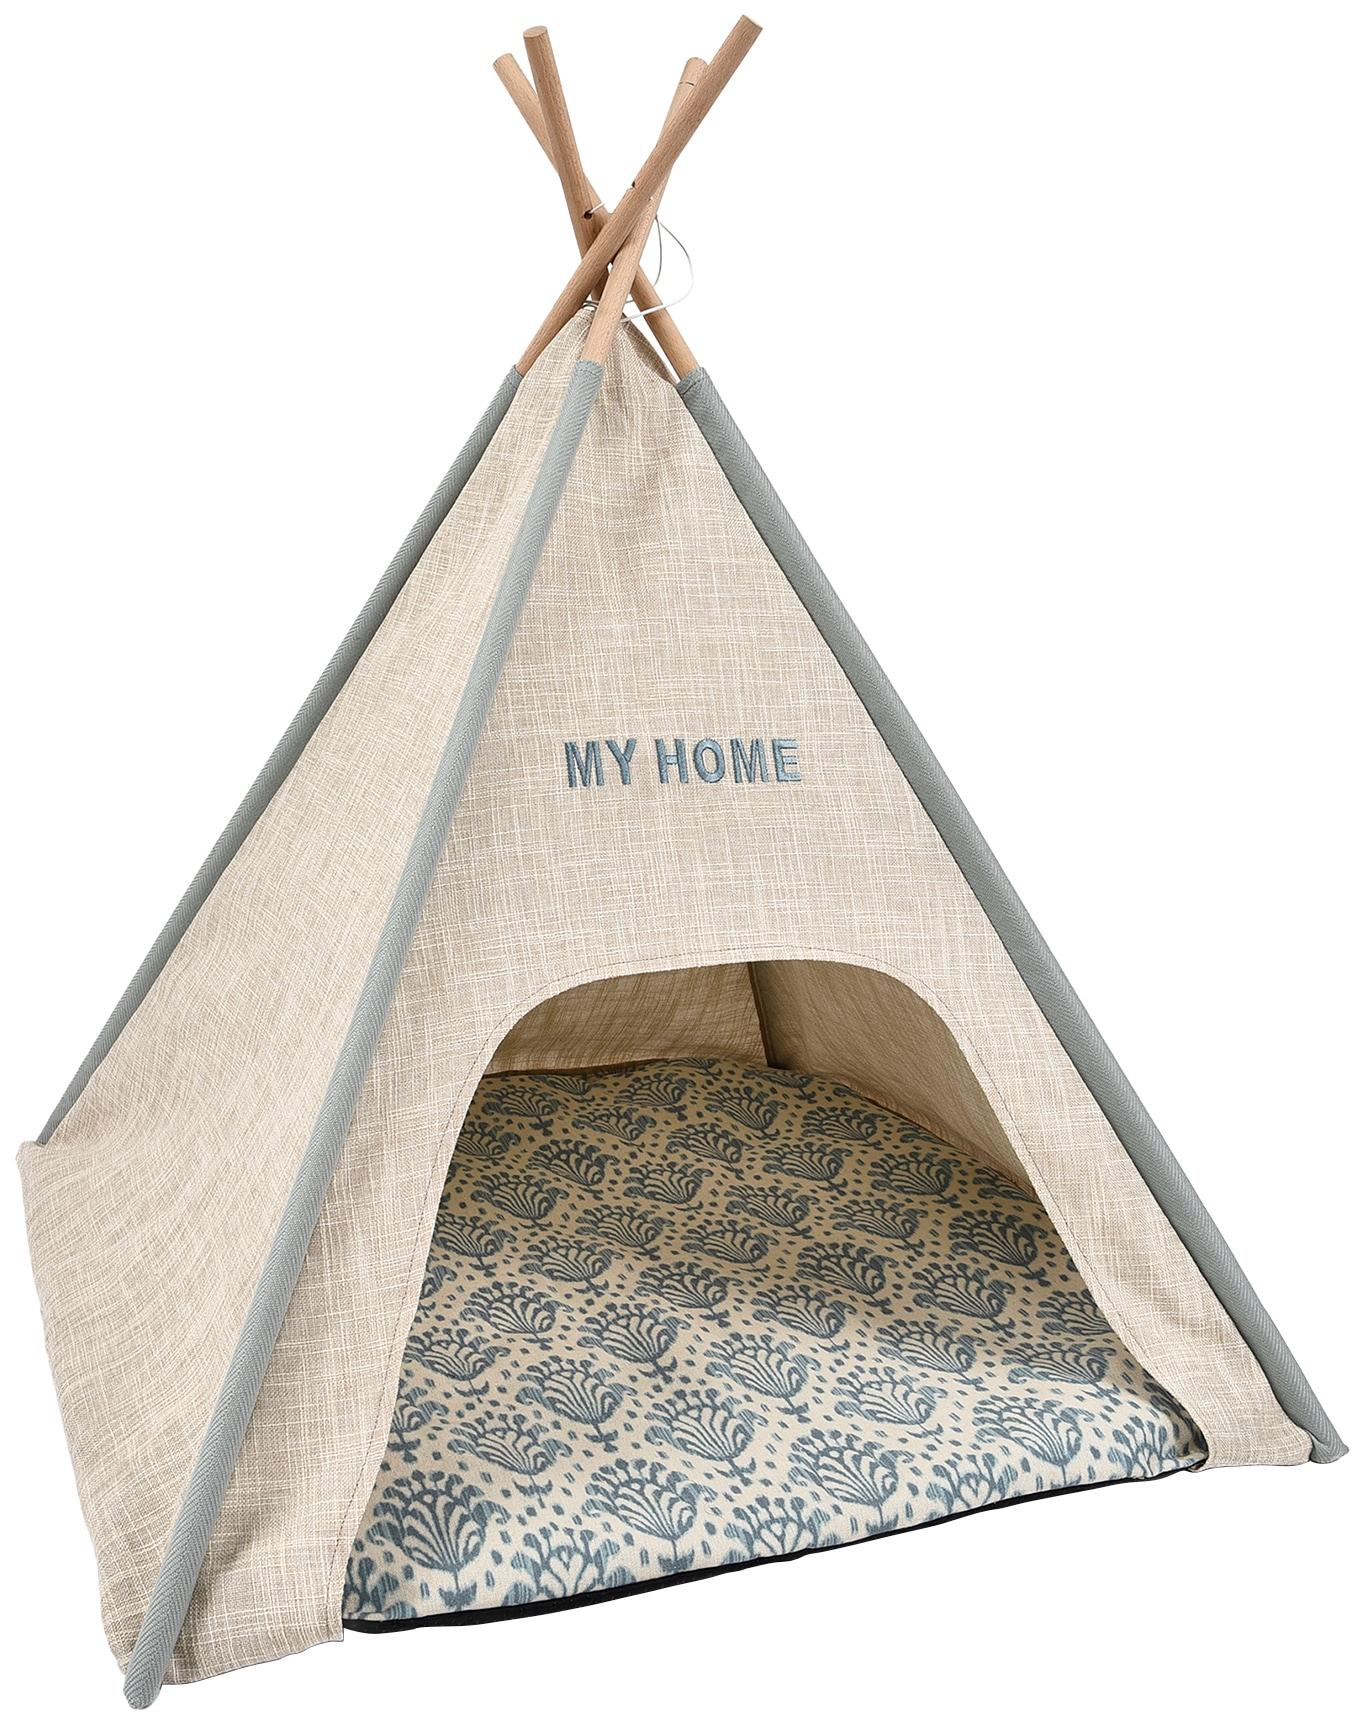 HEIM Katzenzelt Tipi-Zelt My Home, Katzenhöhle, BxLxH: 68x68x80 cm beige Katzenkörbe -kissen Katze Tierbedarf